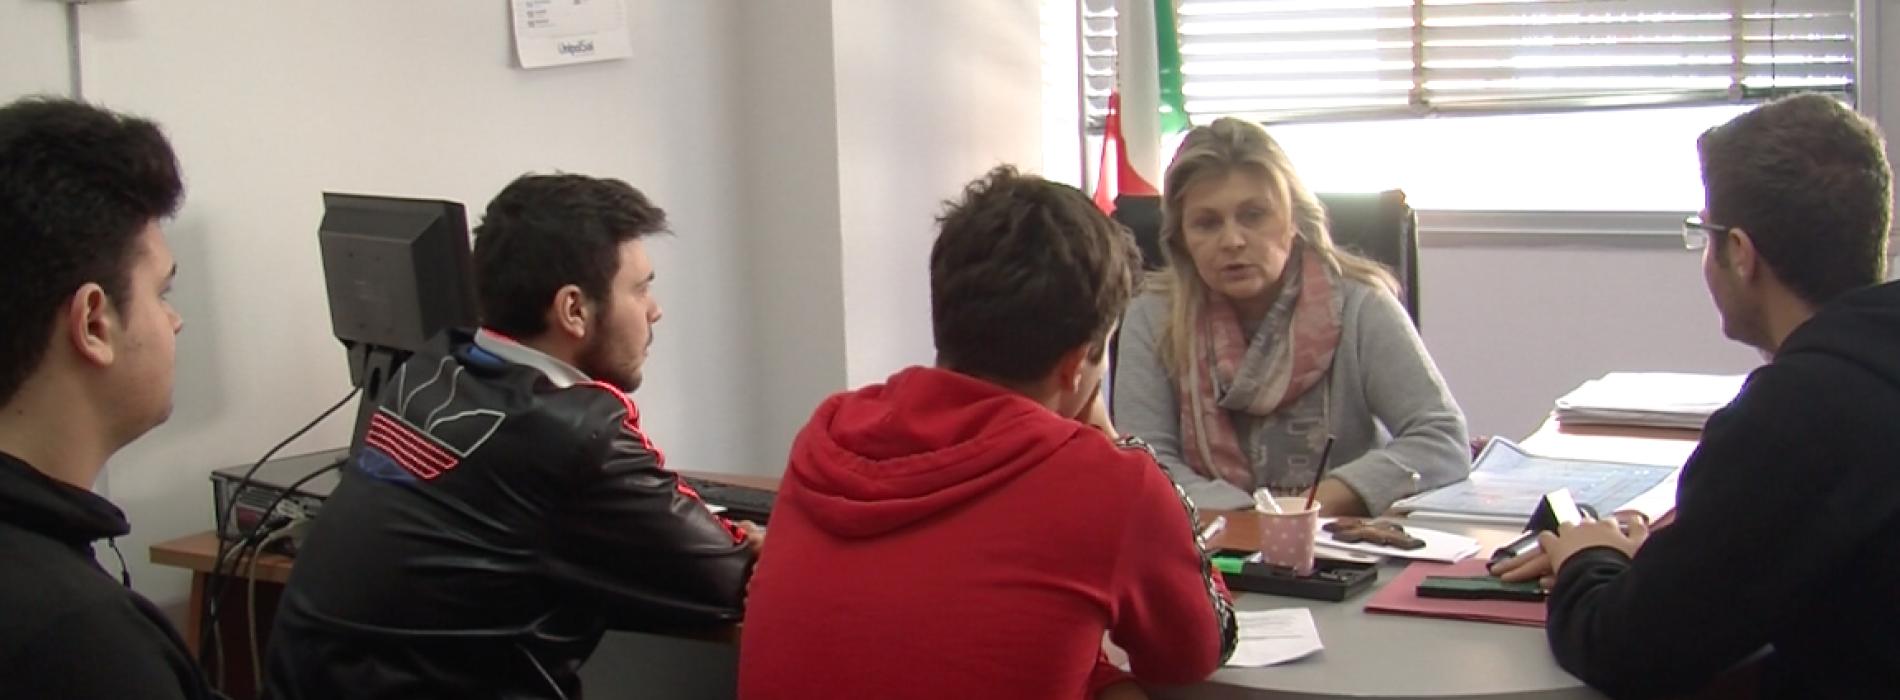 Tv Giordani. Istruzione e giovani, il lavoro dell'assessore Corvino